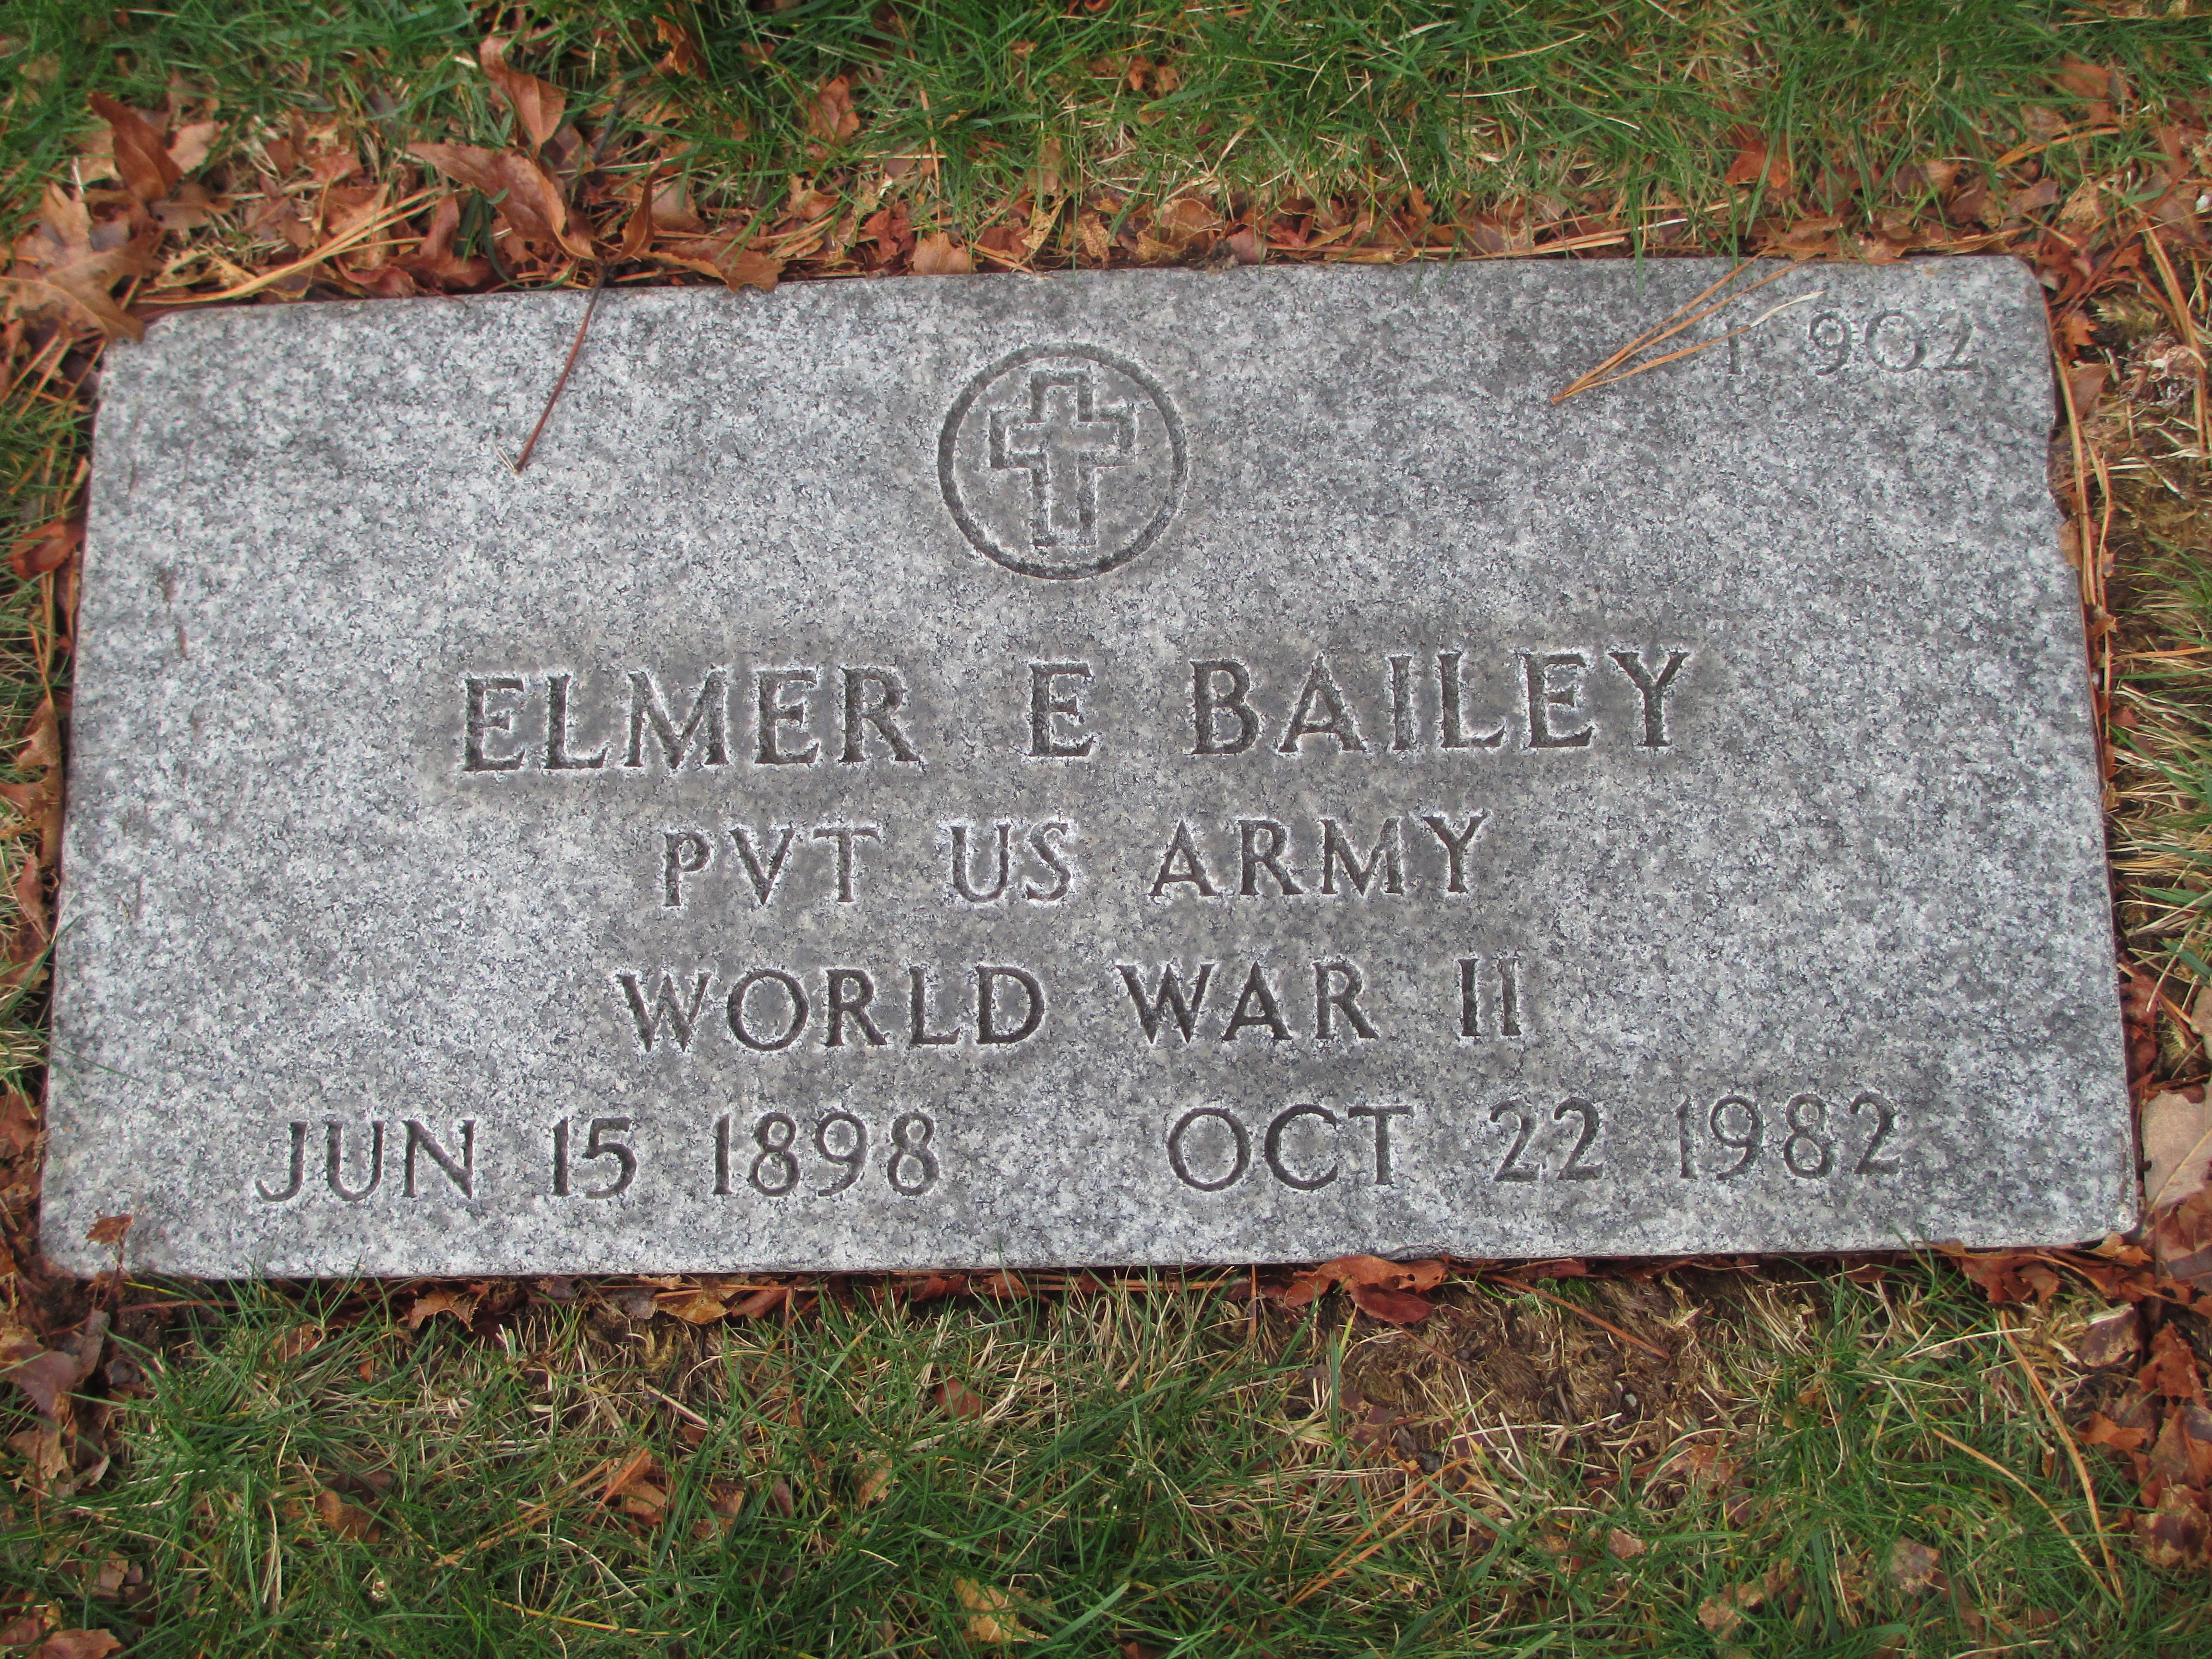 Elmer E Bailey